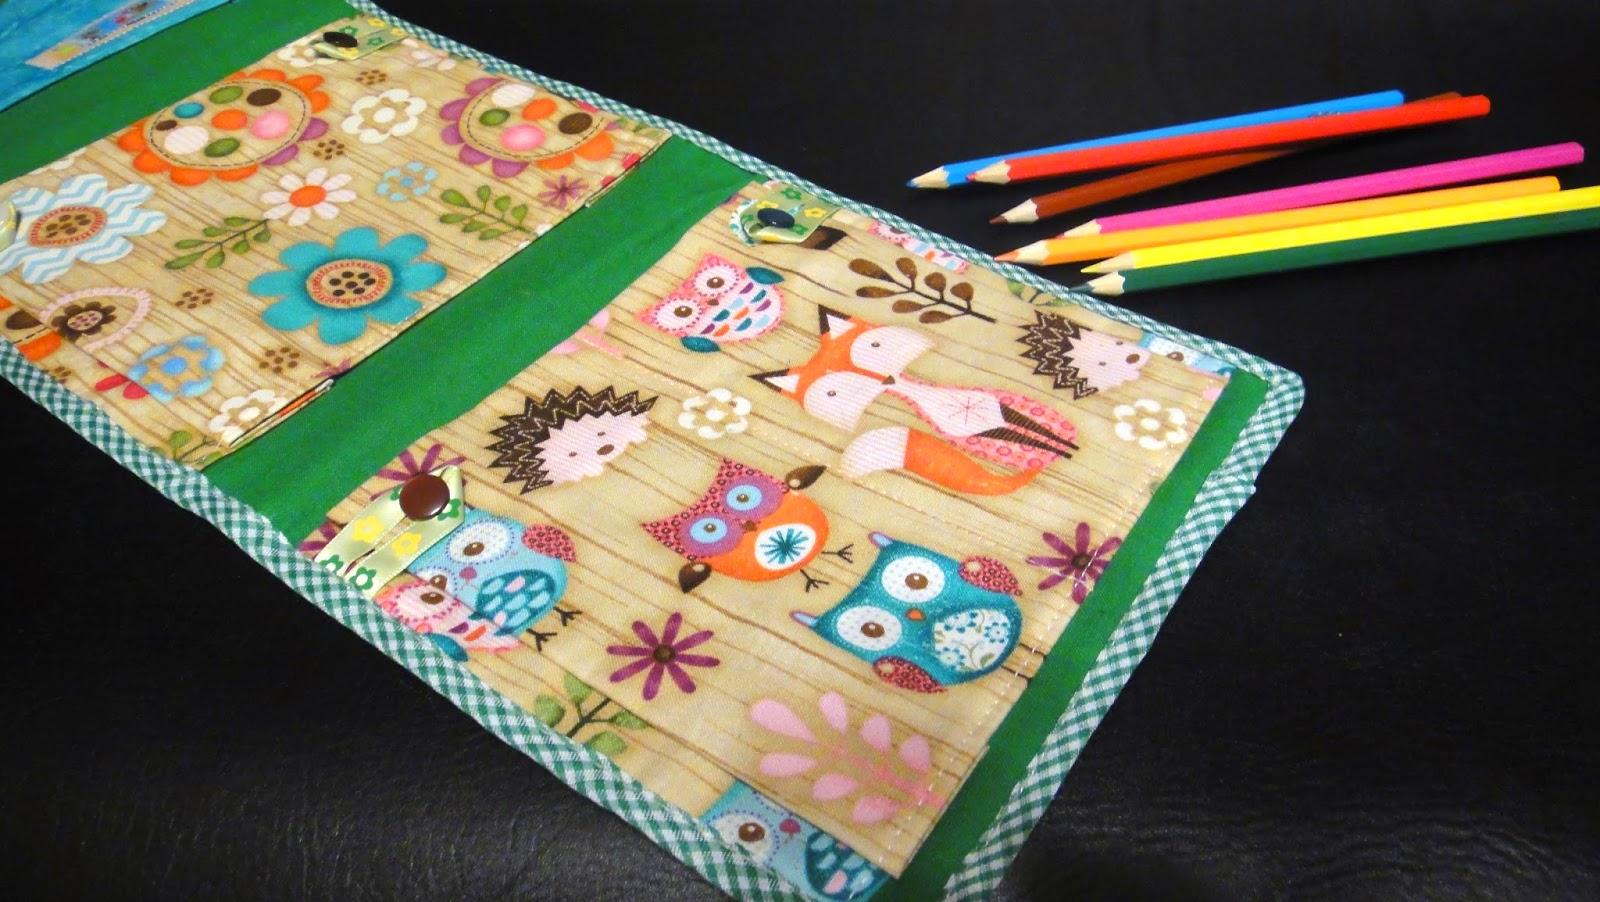 Навесной кармашек в садик: персонажи совы, лисы, ежики - подарок ребенку